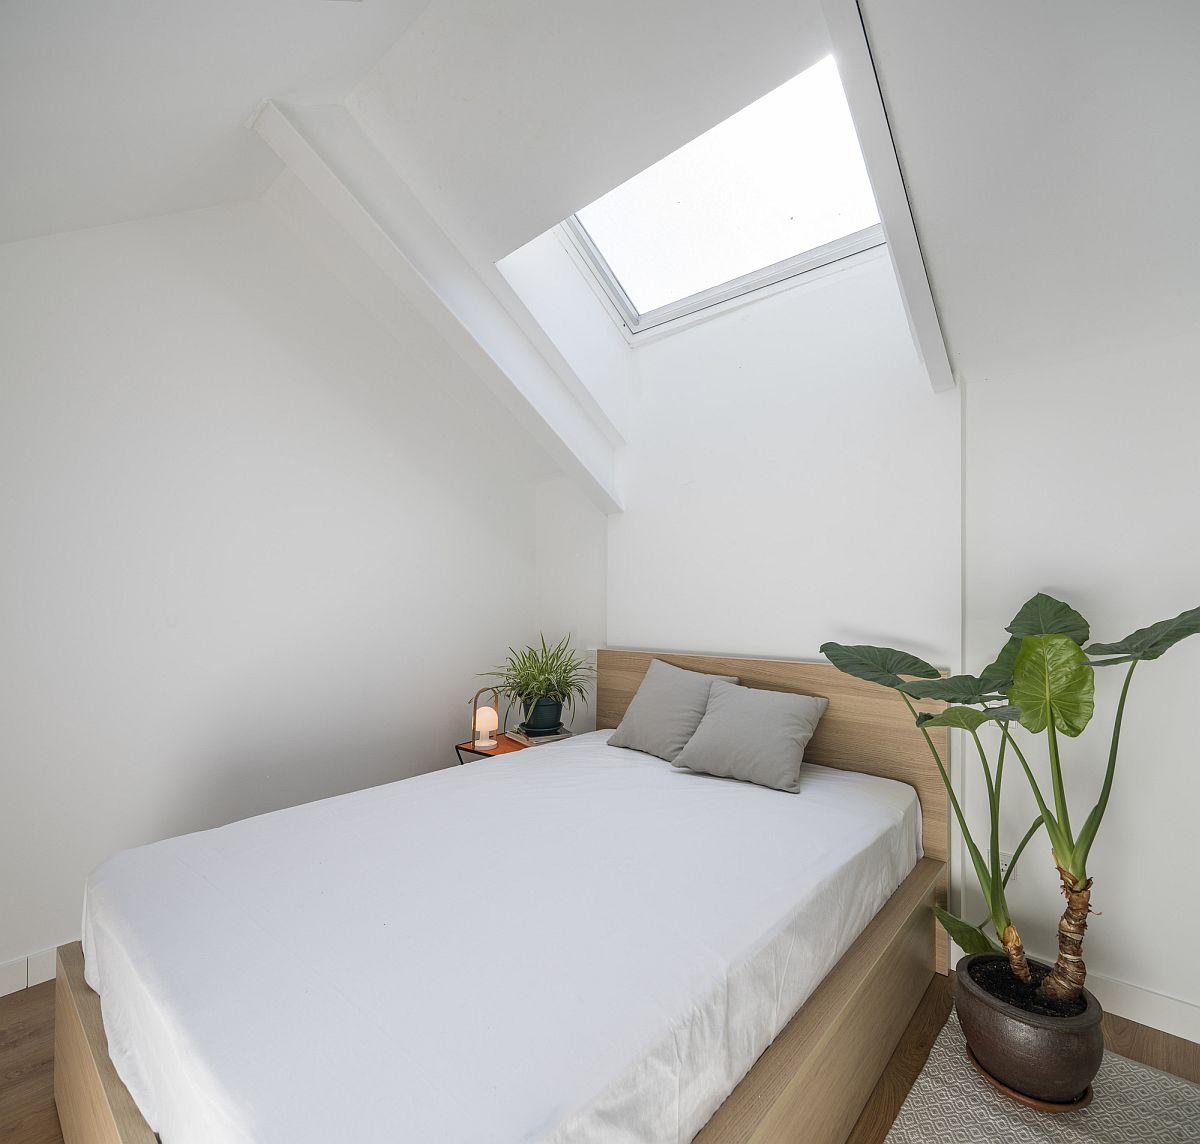 Hình ảnh phòng ngủ màu trắng chủ đạo, có cửa sổ trời, cây xanh lớn tạo điểm nhấn trang trí